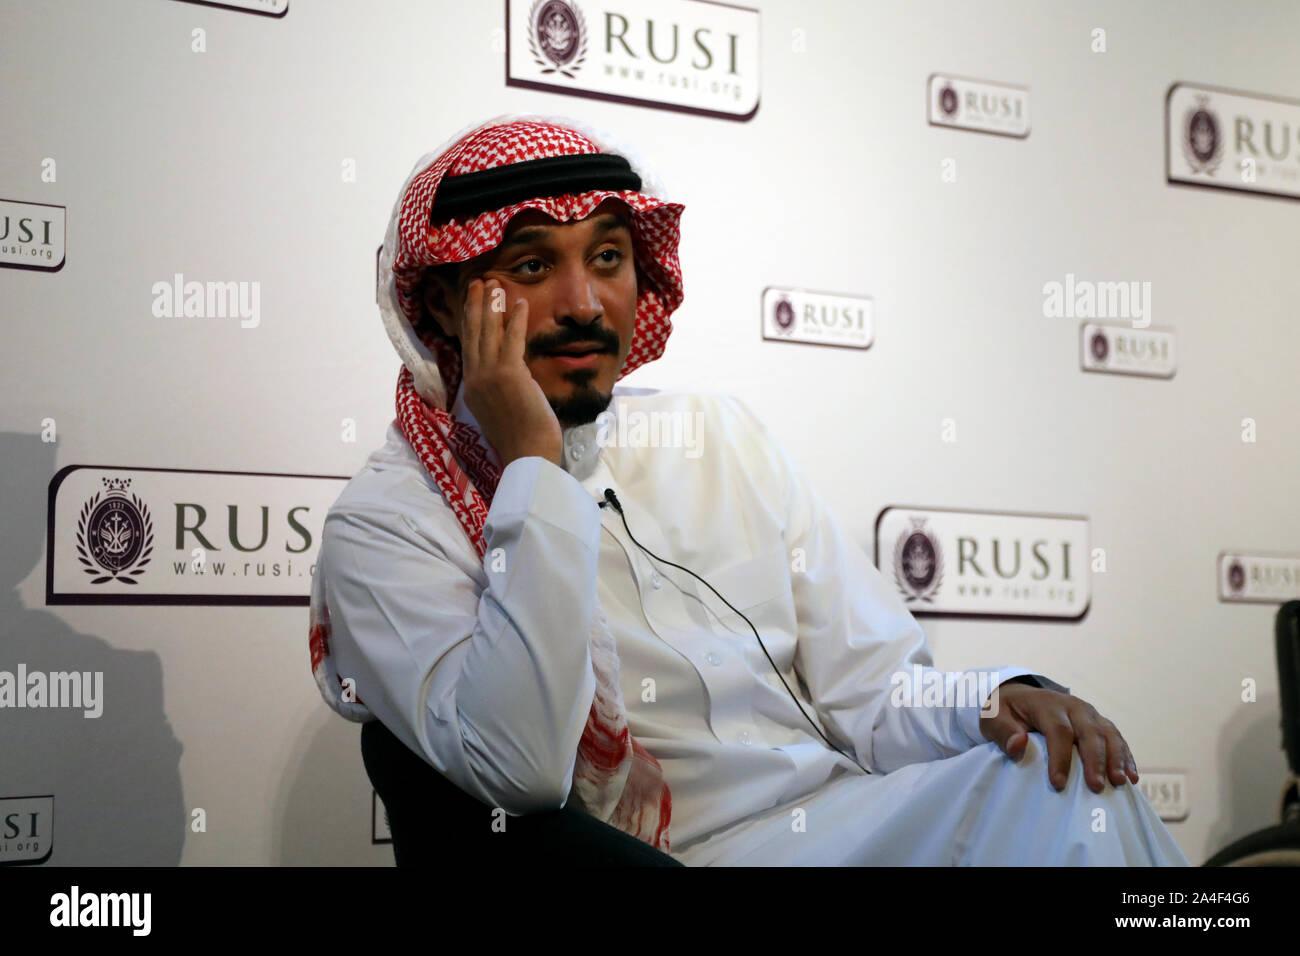 London / UK - 14 octobre 2019: Prince Khalid Bin Saud al Bander, l'Arabie saoudite à l'ambassadeur du Royaume-Uni, parlant au Royal United Services Institute (RUSI) Banque D'Images